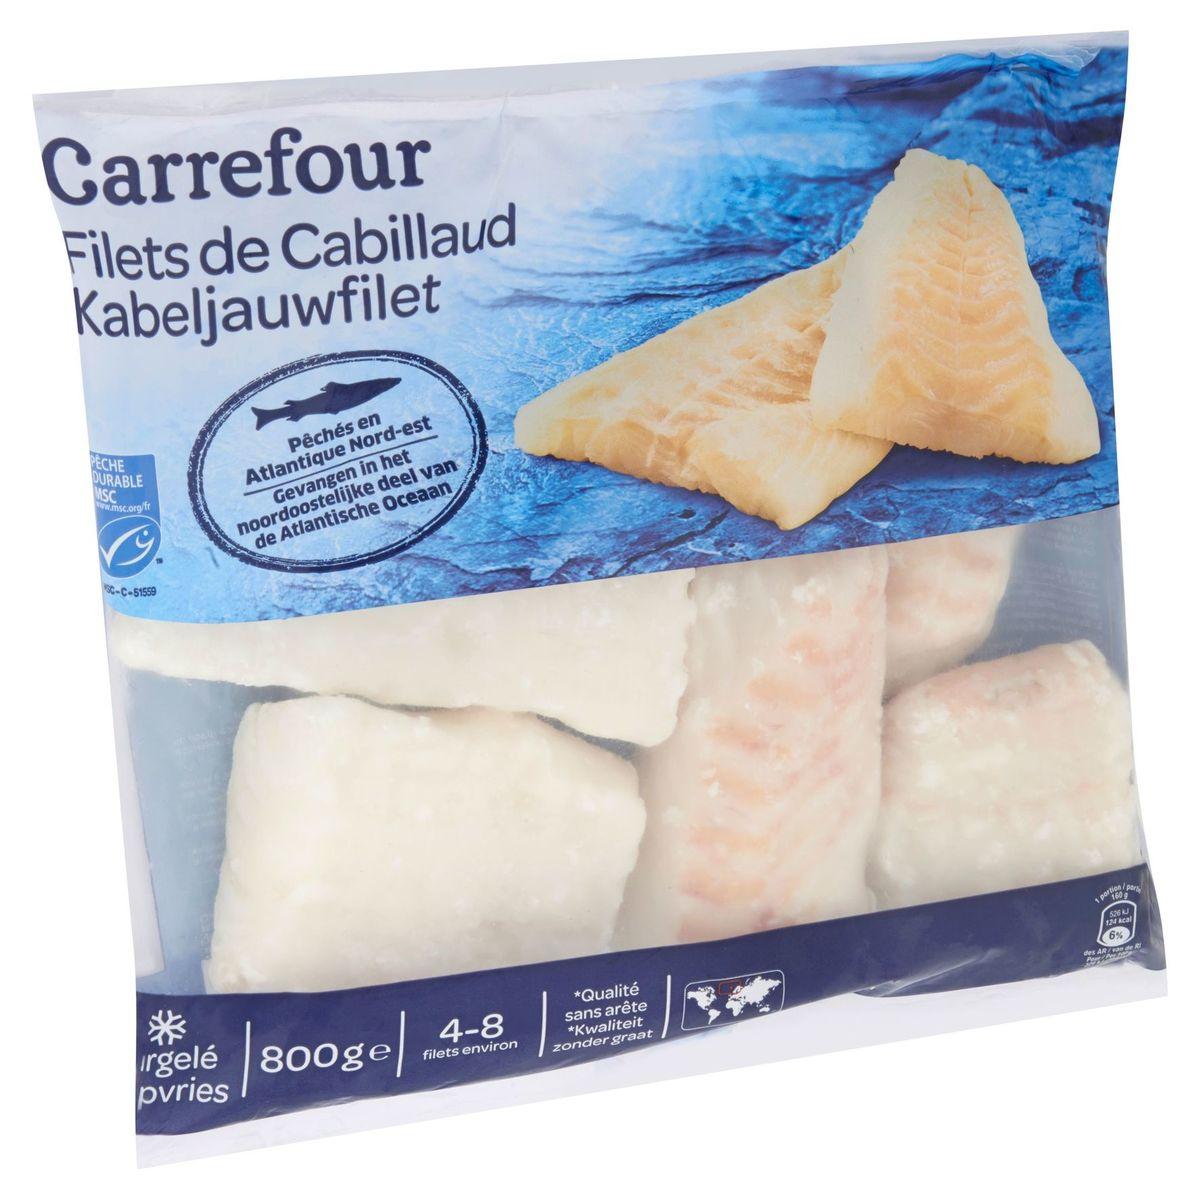 Carrefour Kabeljauwfilet 800 g